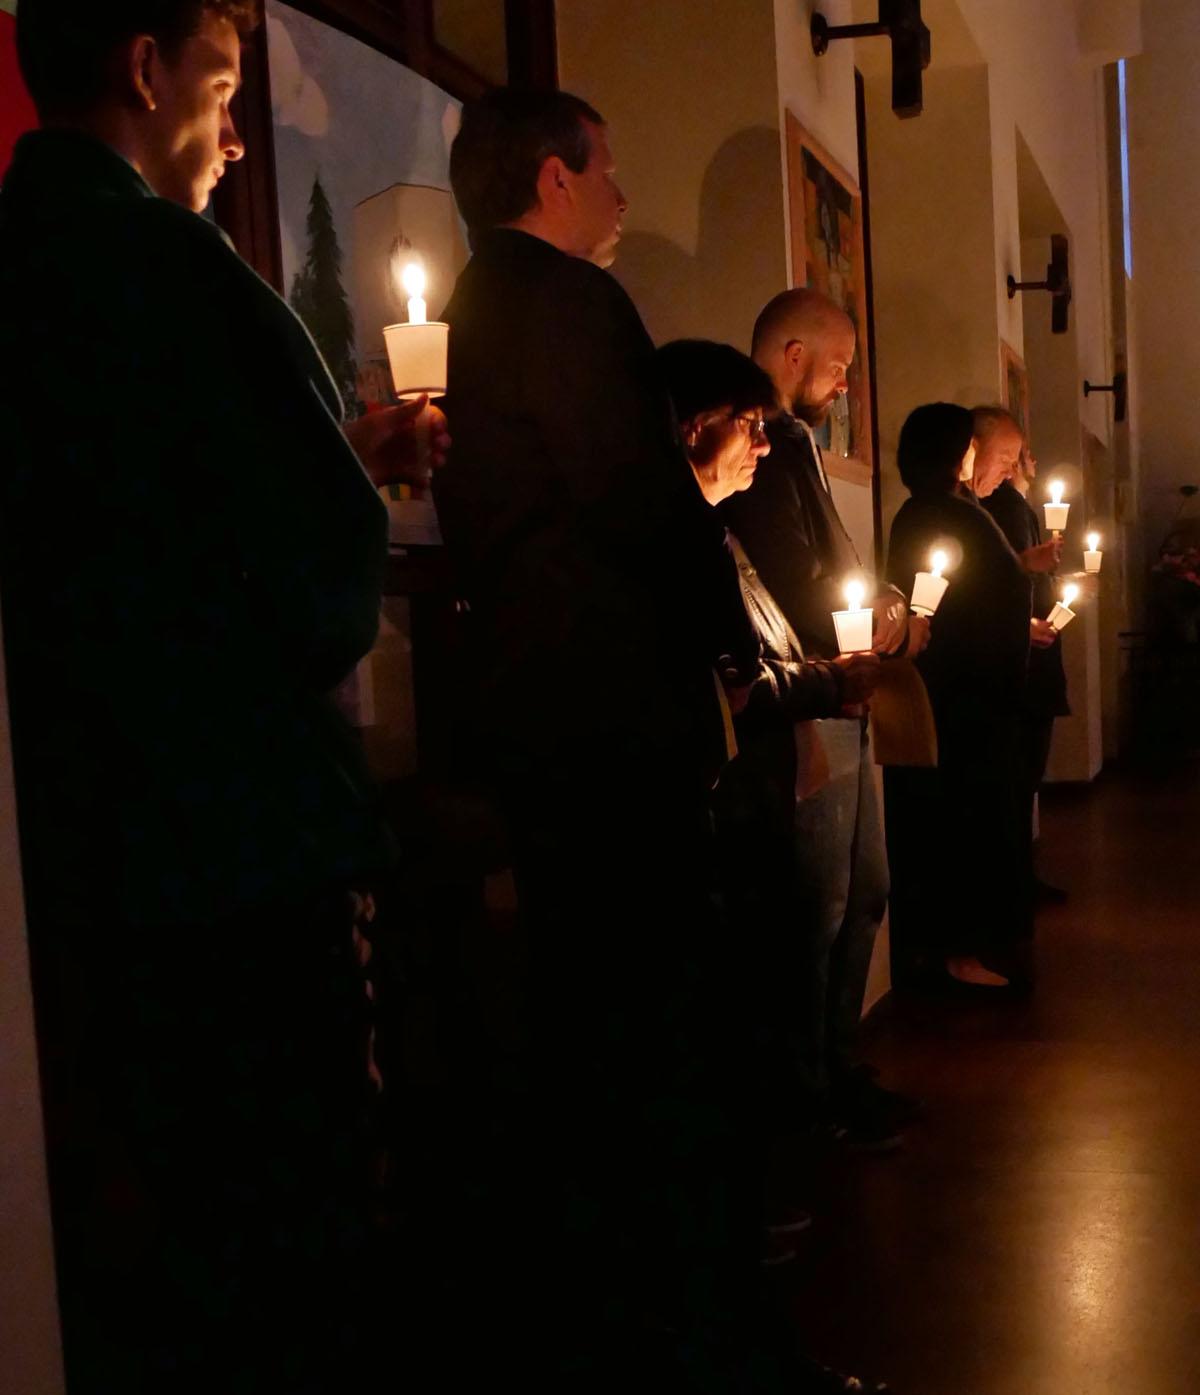 Ostersonntag, Auferstehungsfeier. Osterliturgie im Dunkeln.